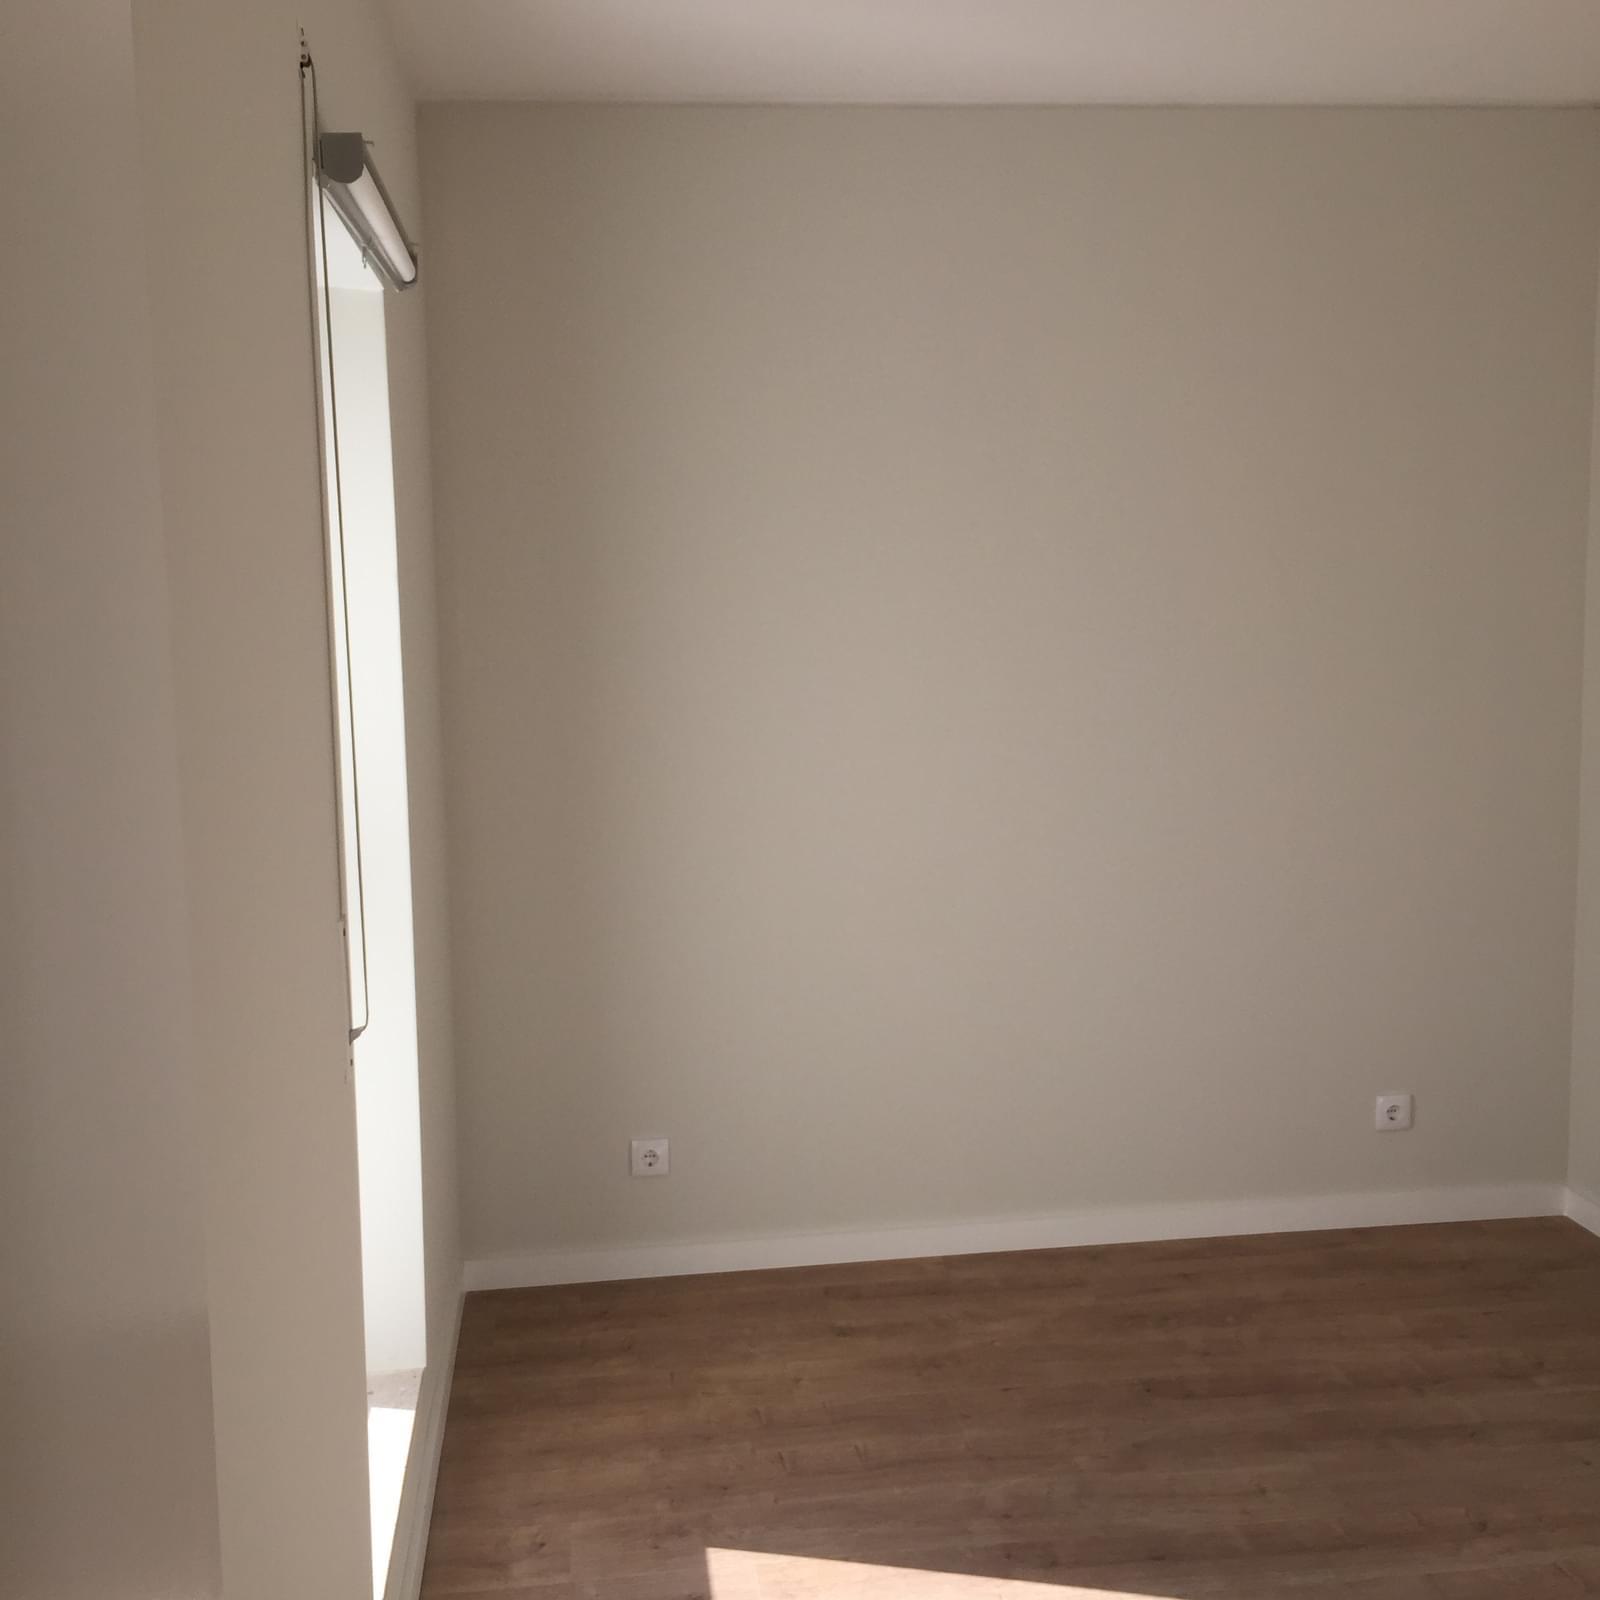 pf18756-apartamento-t2-cascais-a73ab044-f578-4a08-8c16-df4b3622a412